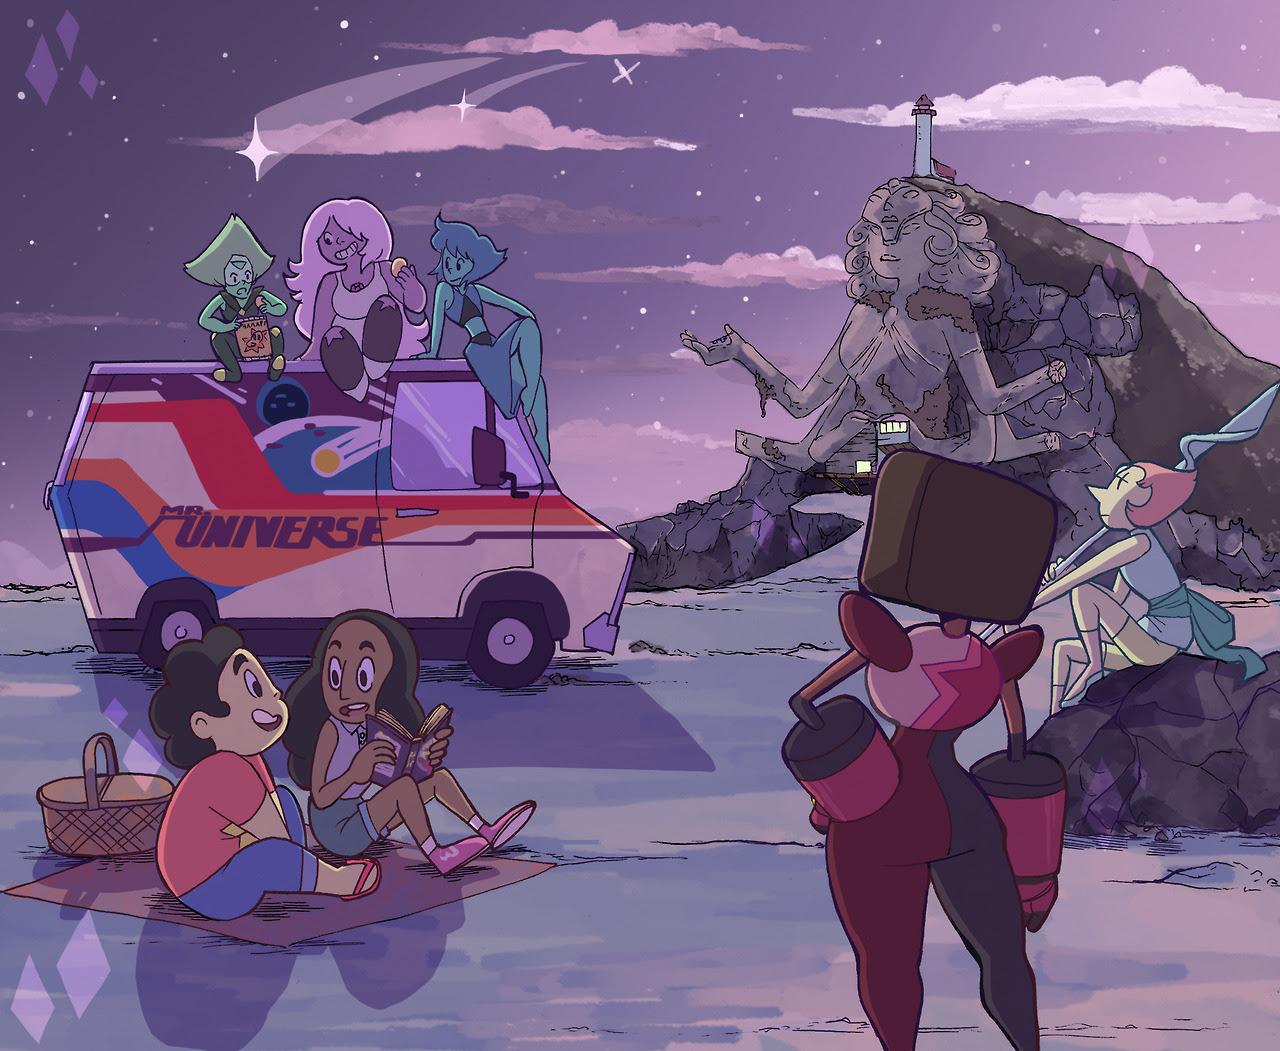 Steven Universe print for Kingston Comi-con in Oct!